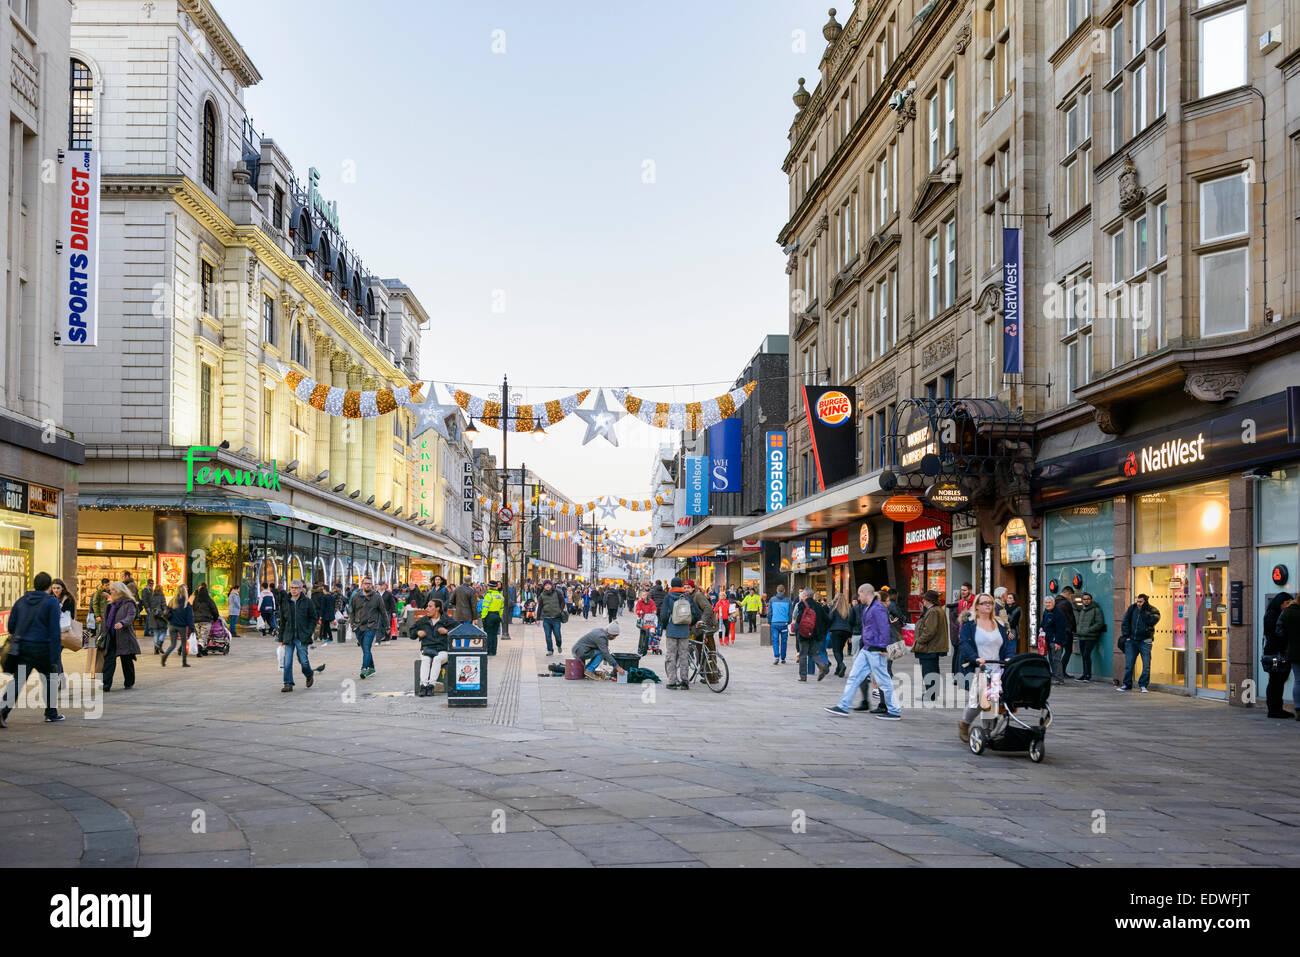 Northumberland Street Newcastle upon Tyne - Stock Image